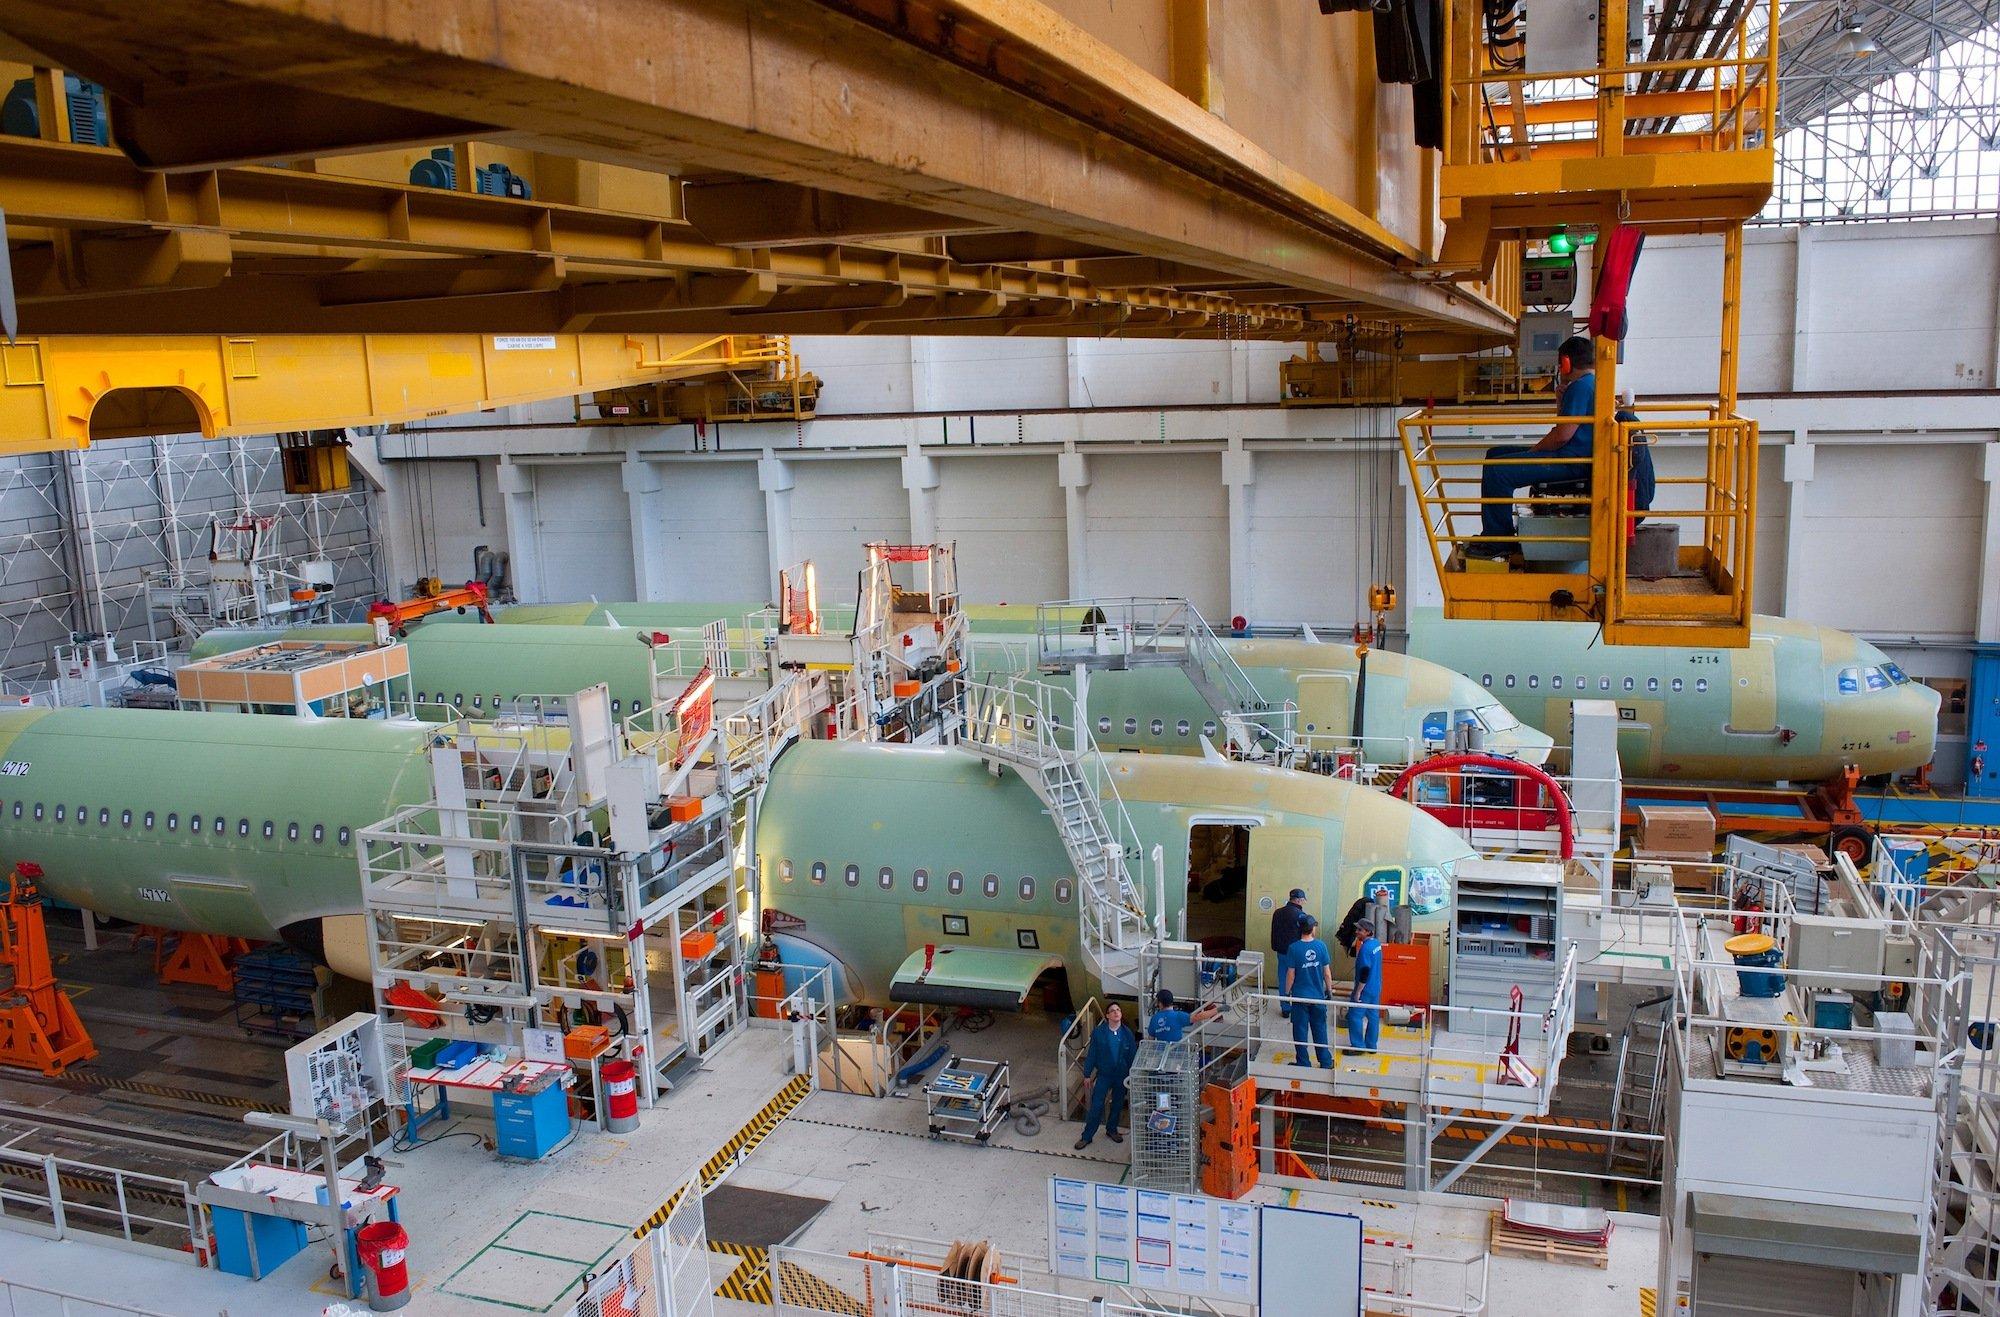 Produktion des Airbus A320 in Toulouse: Der Flugzeugbauer will die Effizienz zur Herstellung des A320 um zehn Prozent verbessern.